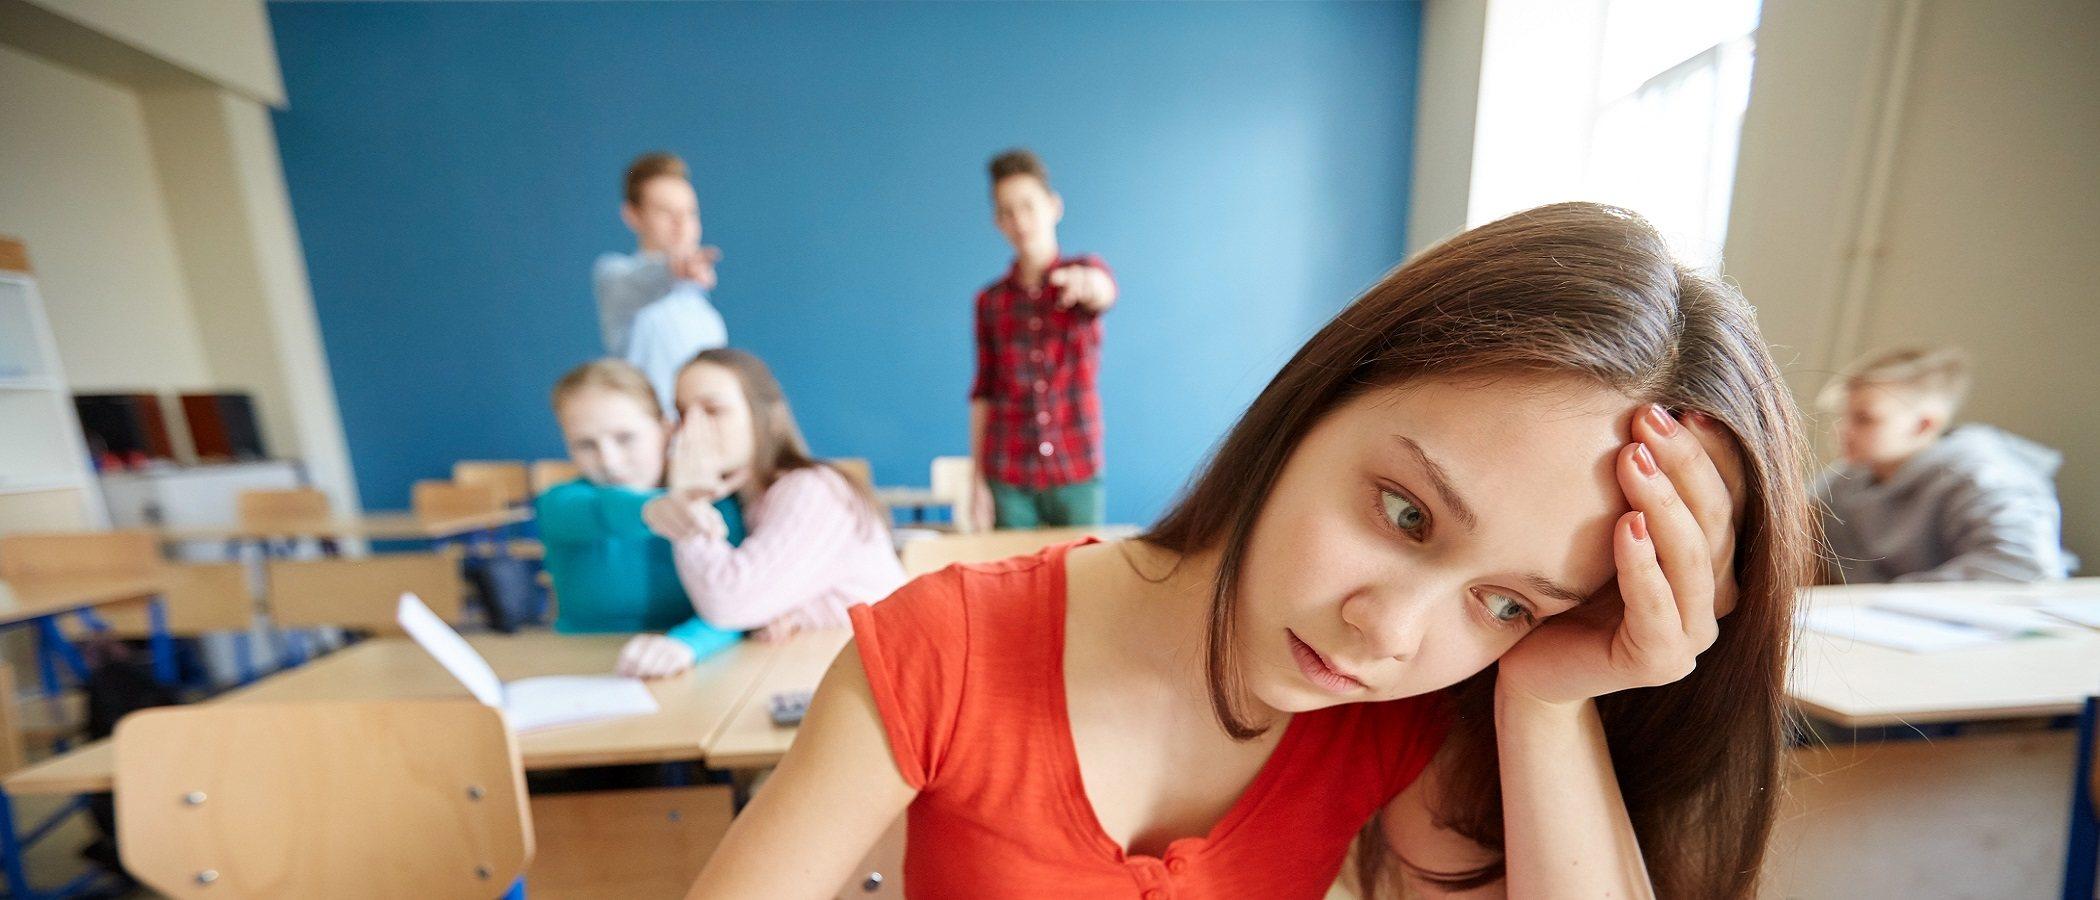 Los amigos 'agradables' de tu hijo pueden ser acosadores